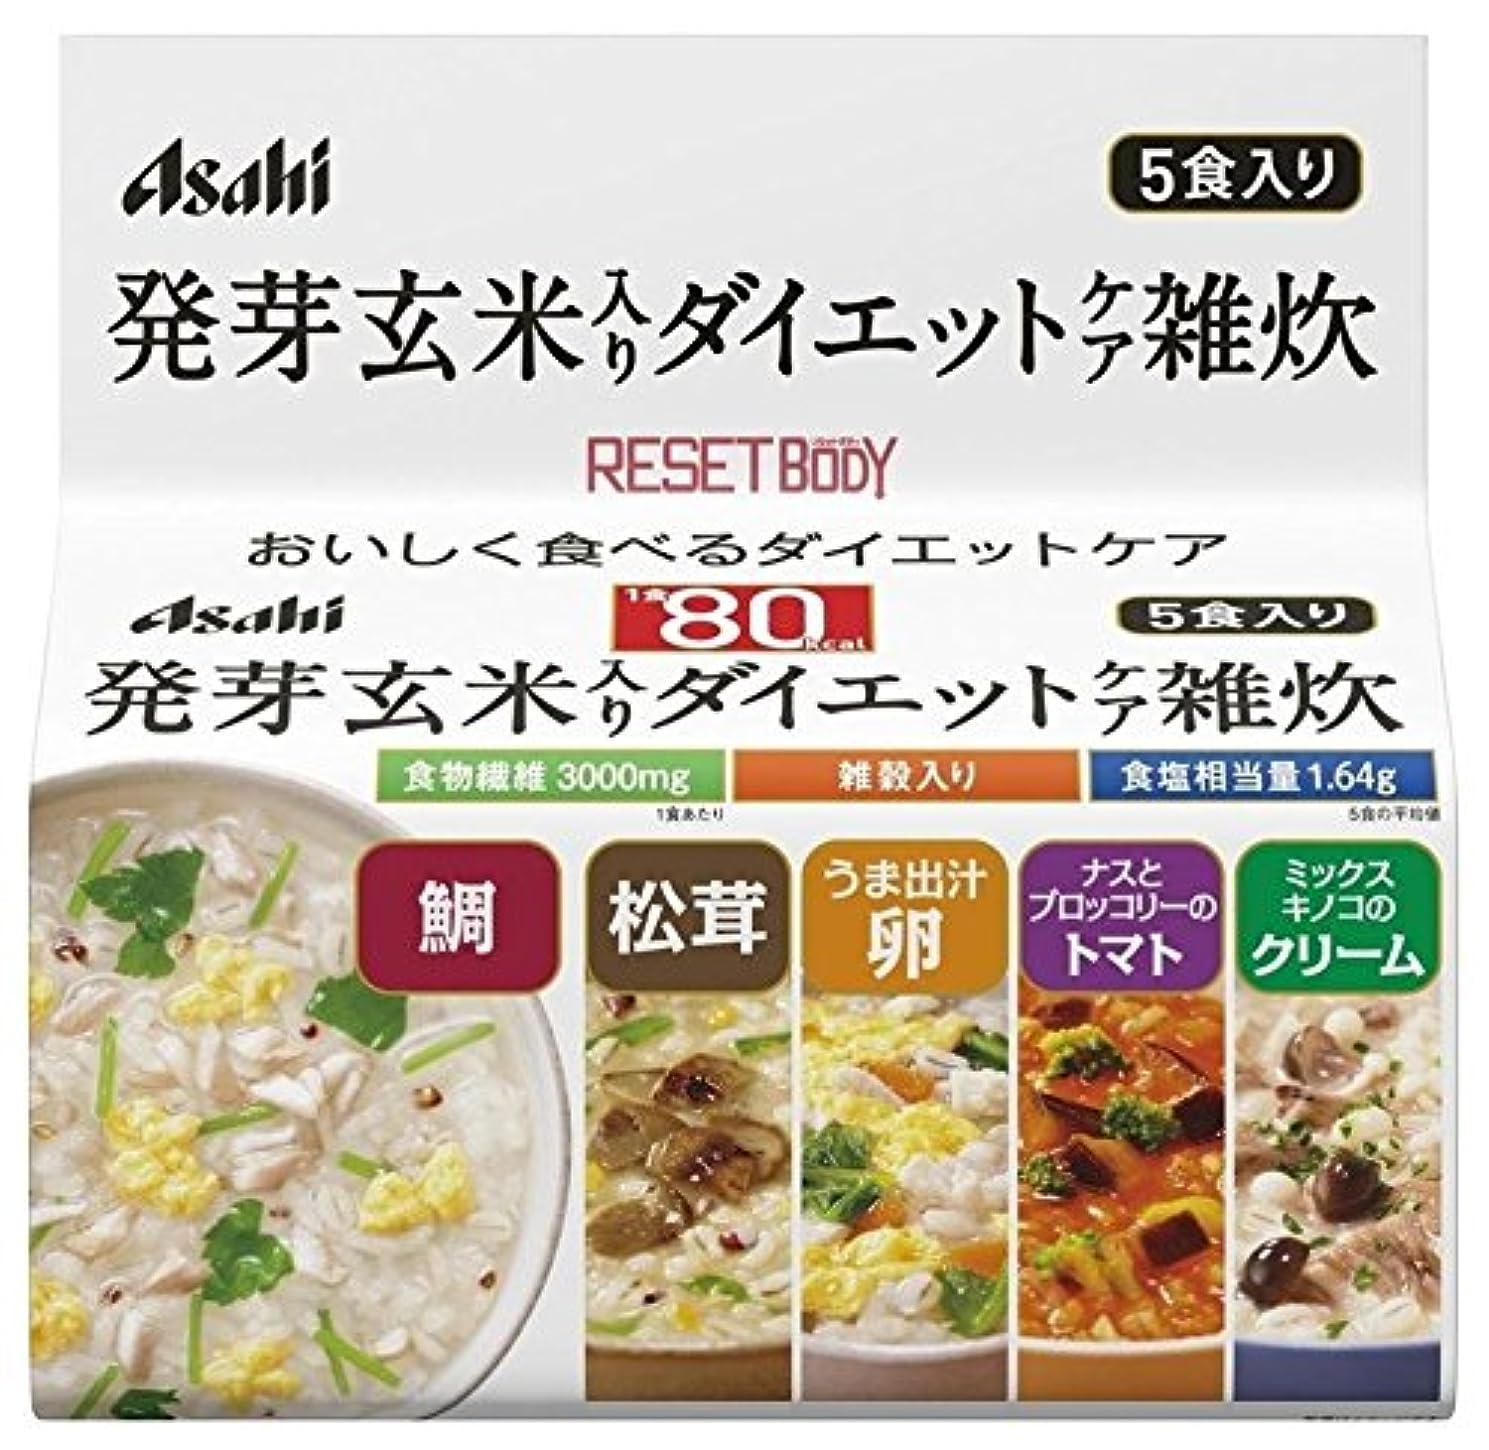 苦おいしい出撃者アサヒグループ食品 リセットボディ 発芽玄米入りダイエットケア雑炊 5食